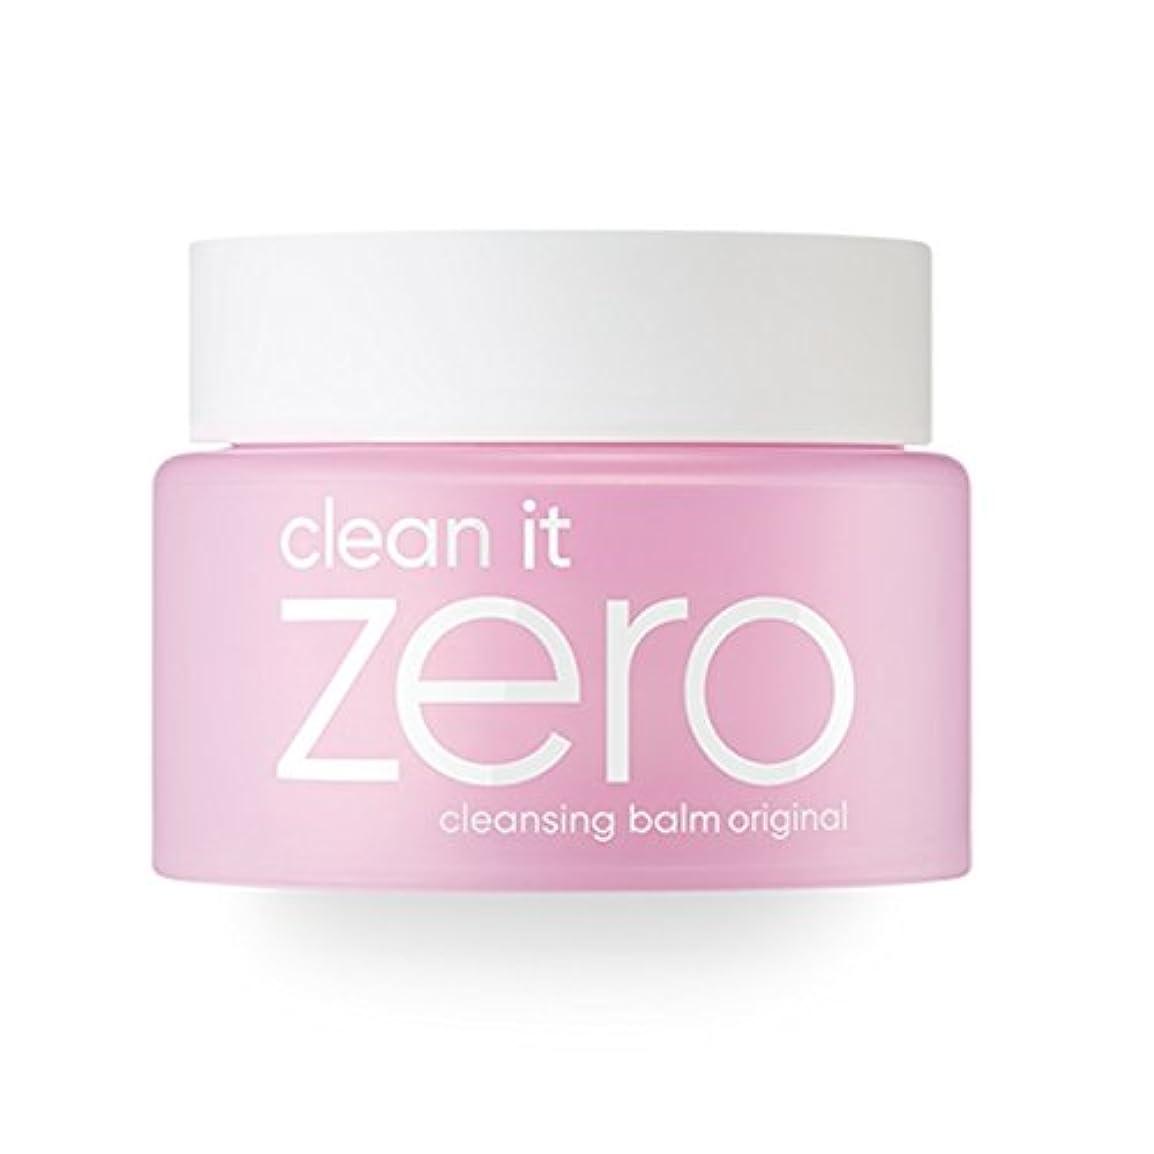 粗いドアミラー花輪Banila.co クリーン イット ゼロ クレンジングバーム オリジナル / Clean it Zero Cleansing Balm Original (100ml)